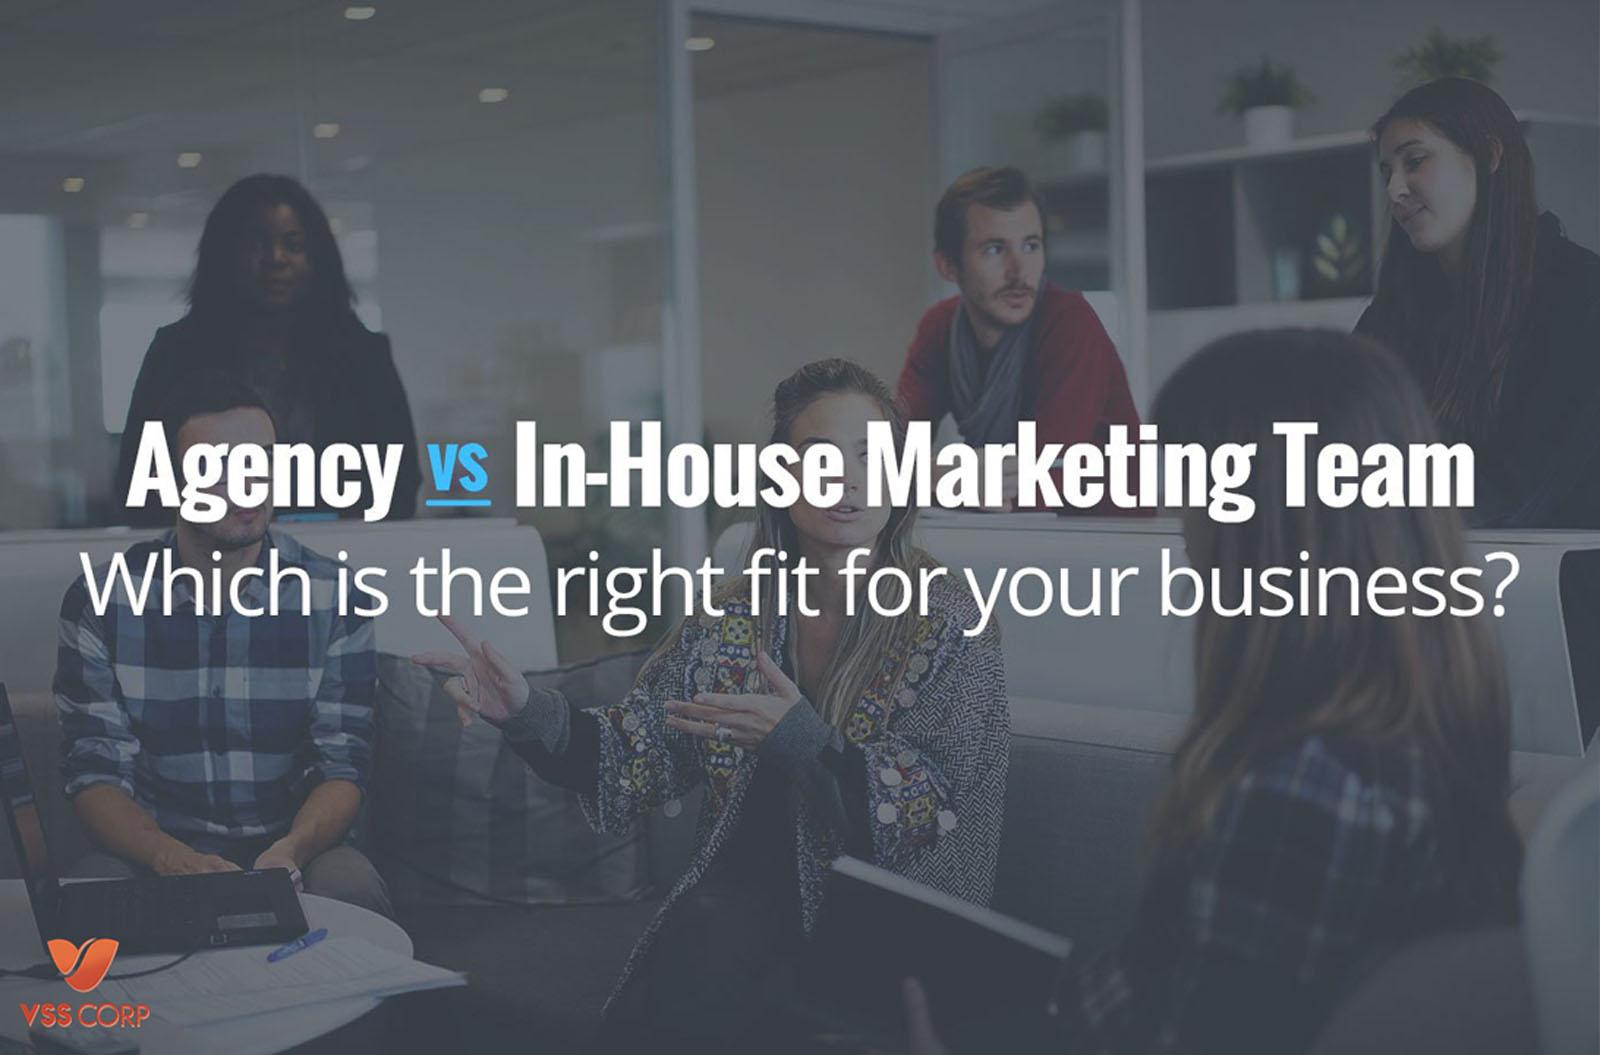 """Marketing agency xuất hiện như một """"cứu cánh"""" cho các công ty trong việc thuê chạy quảng cáo facebook bên ngoài, dường như đang """"lấn át"""" hình thức In house team truyền thống."""